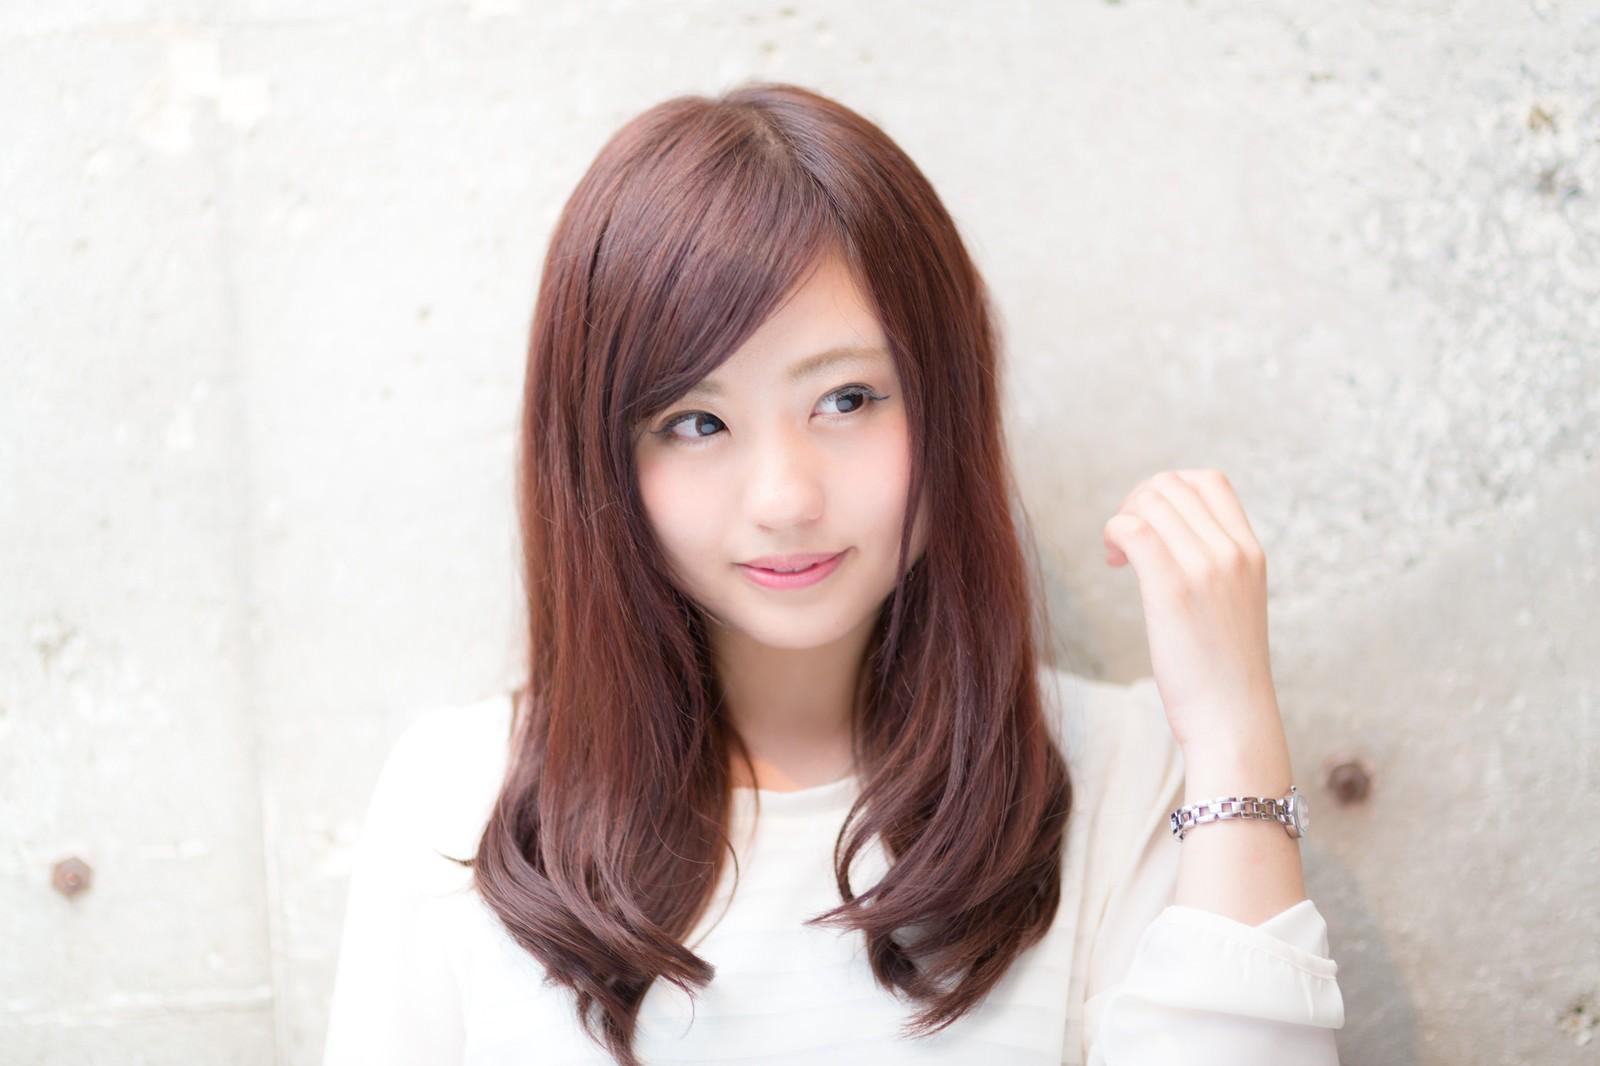 「渋谷のIT企業で働くキラキラ女性広報渋谷のIT企業で働くキラキラ女性広報」[モデル:河村友歌]のフリー写真素材を拡大